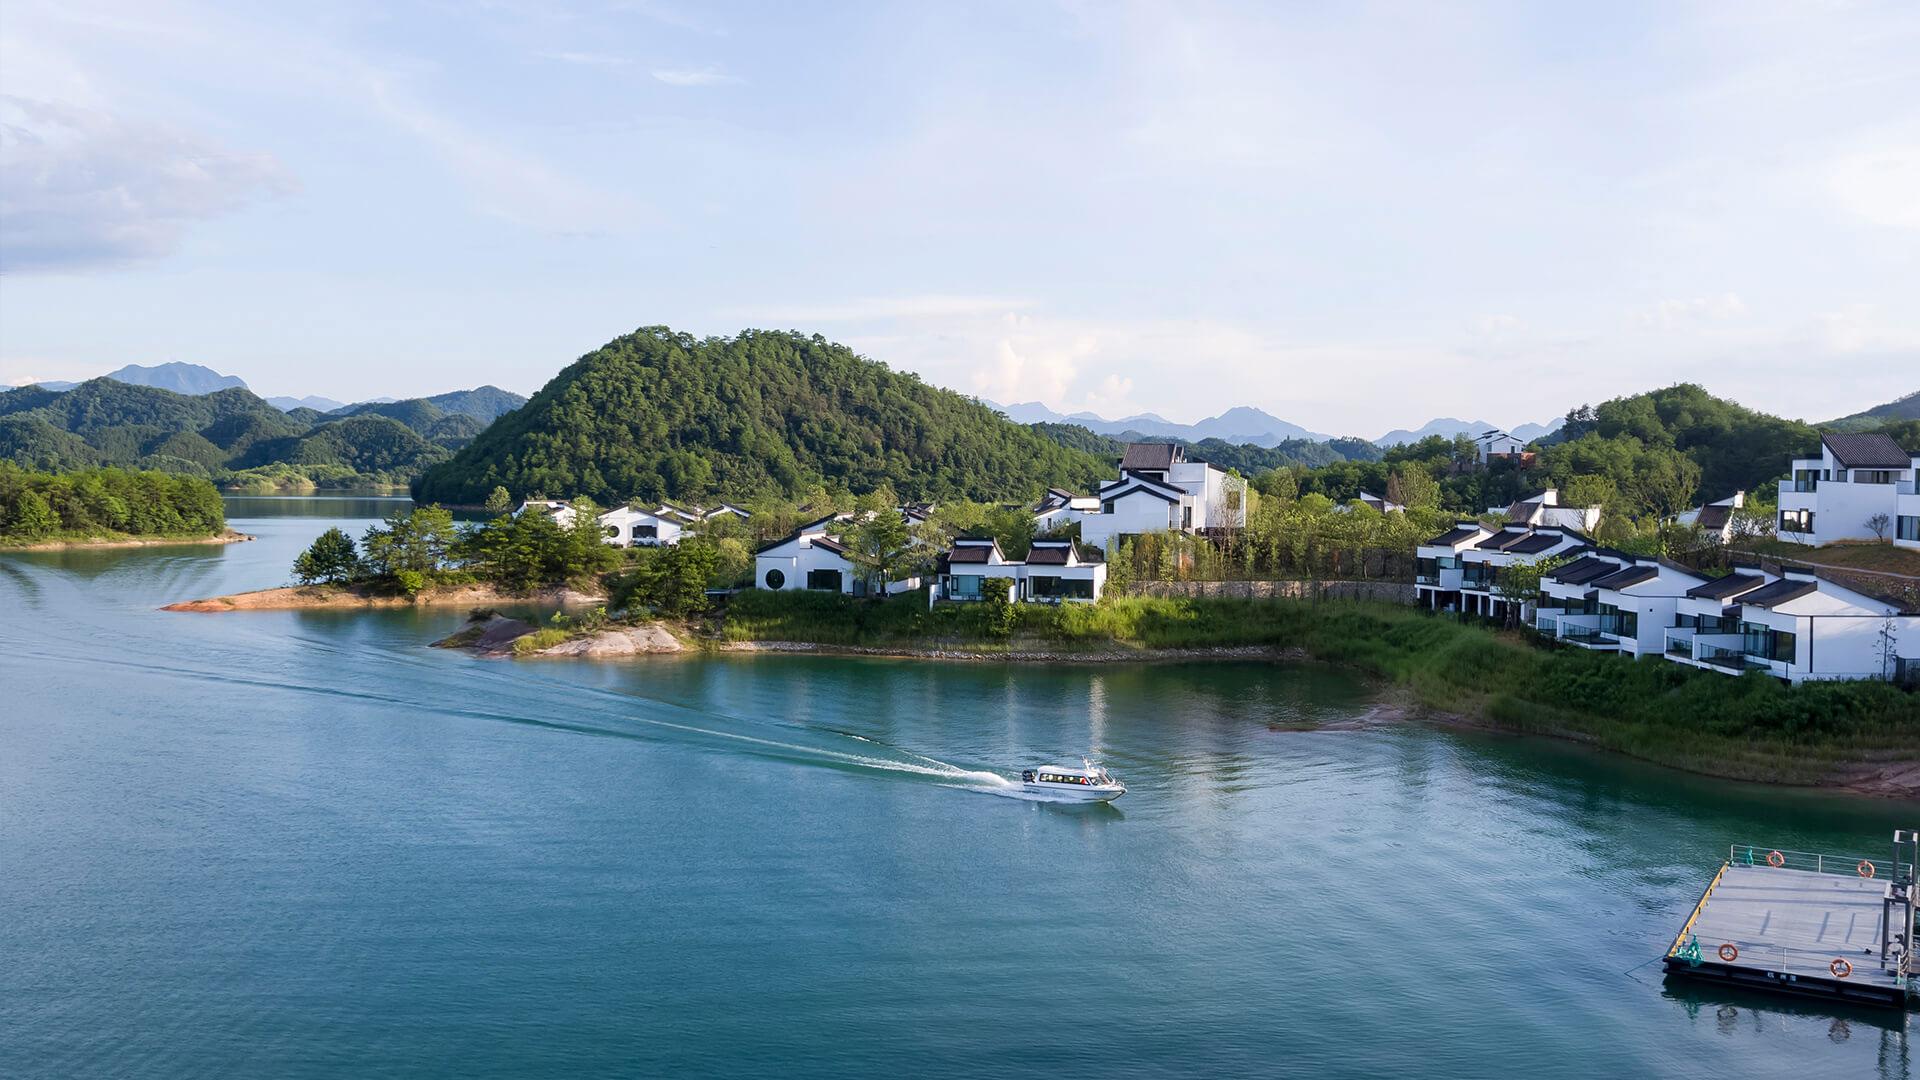 千岛湖安麓酒店<br/> Ahn Luh Qiandaohu